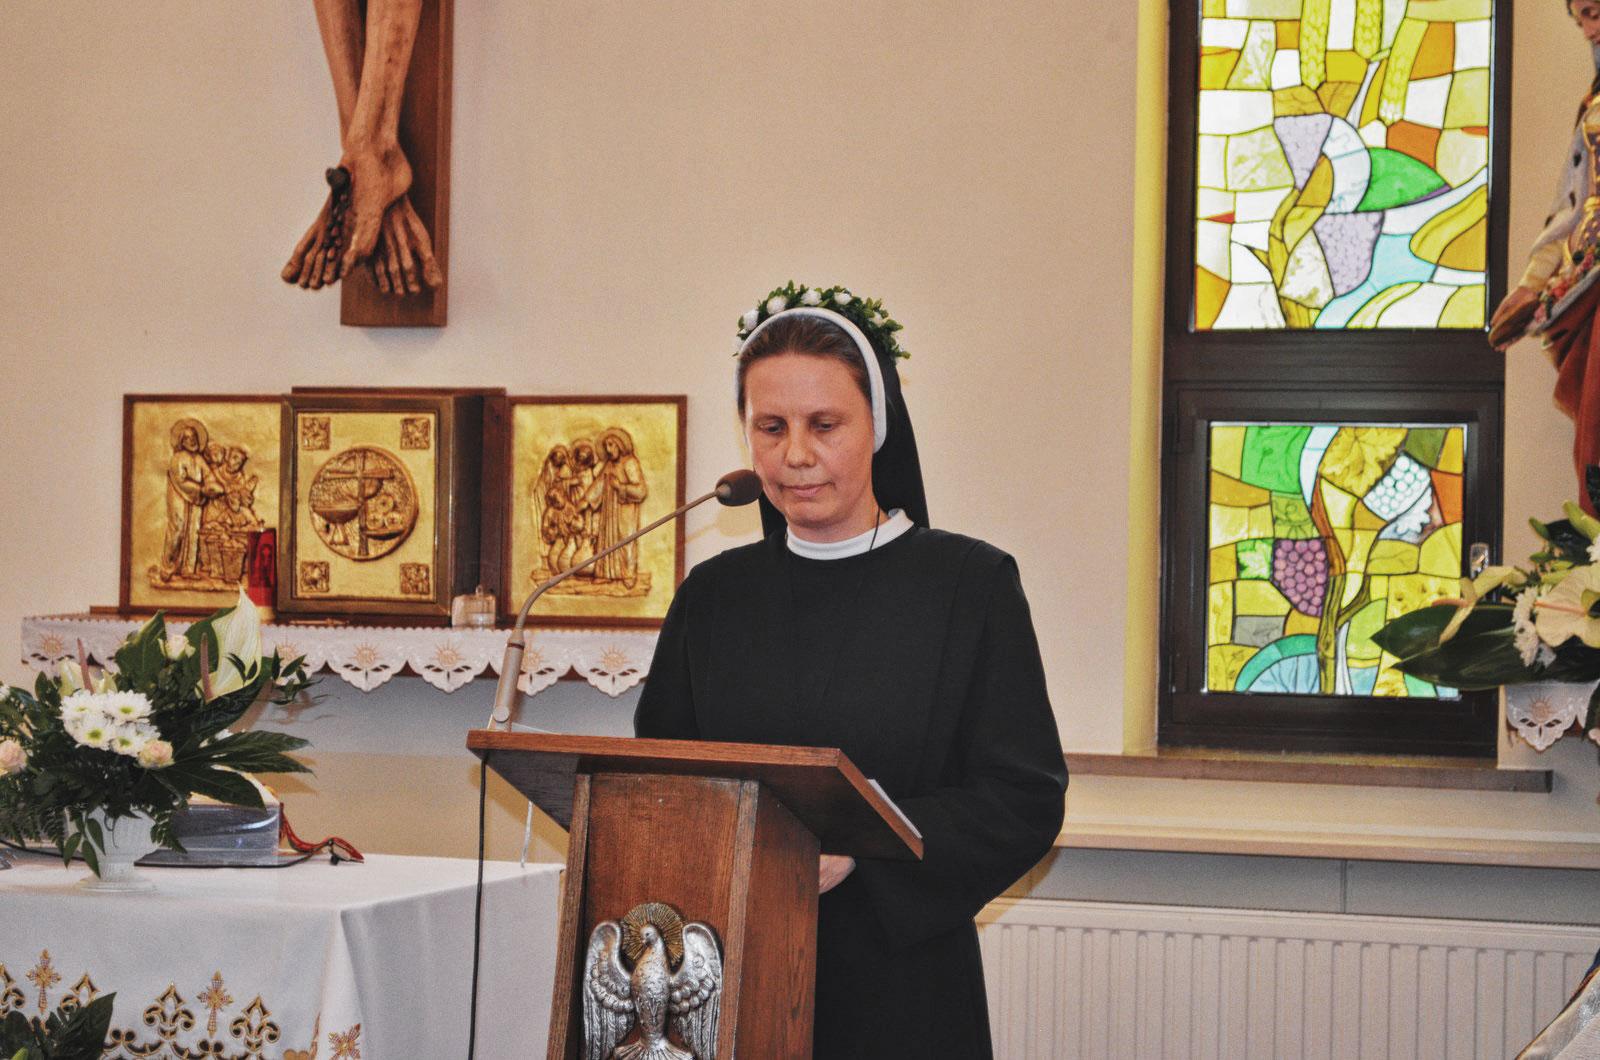 Sióstr_św_Elżbiety-Pierwsze_Śluby_fotorelacja-I-SLUBY-DSC_0593-min.jpg